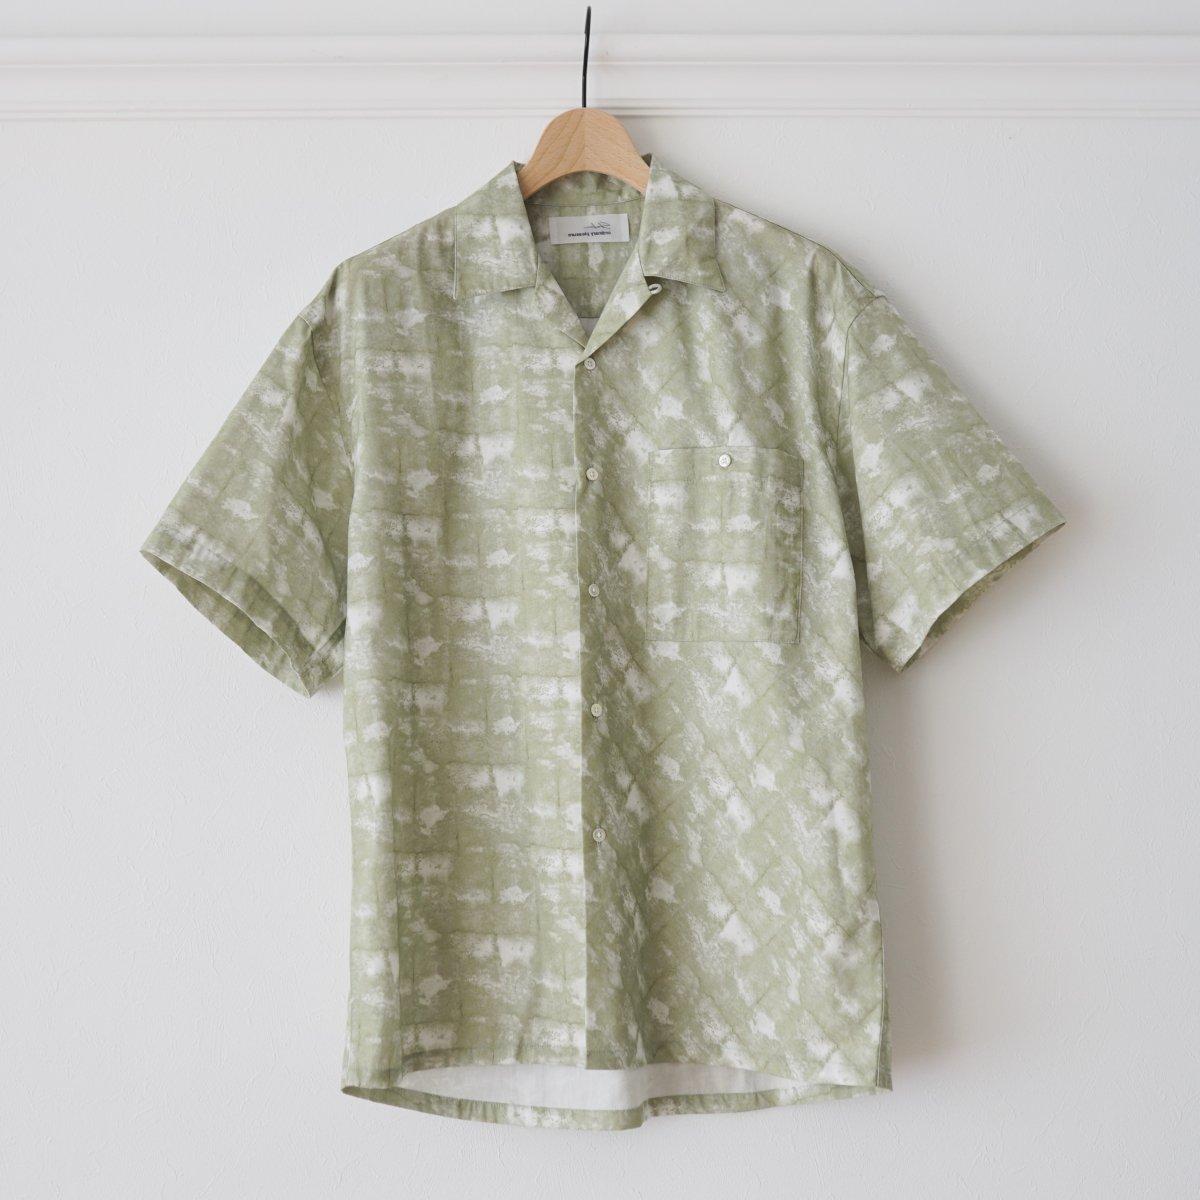 【SHEBA シーバ】OPEN COLLAR SHIRT OG - GREEN CHECK